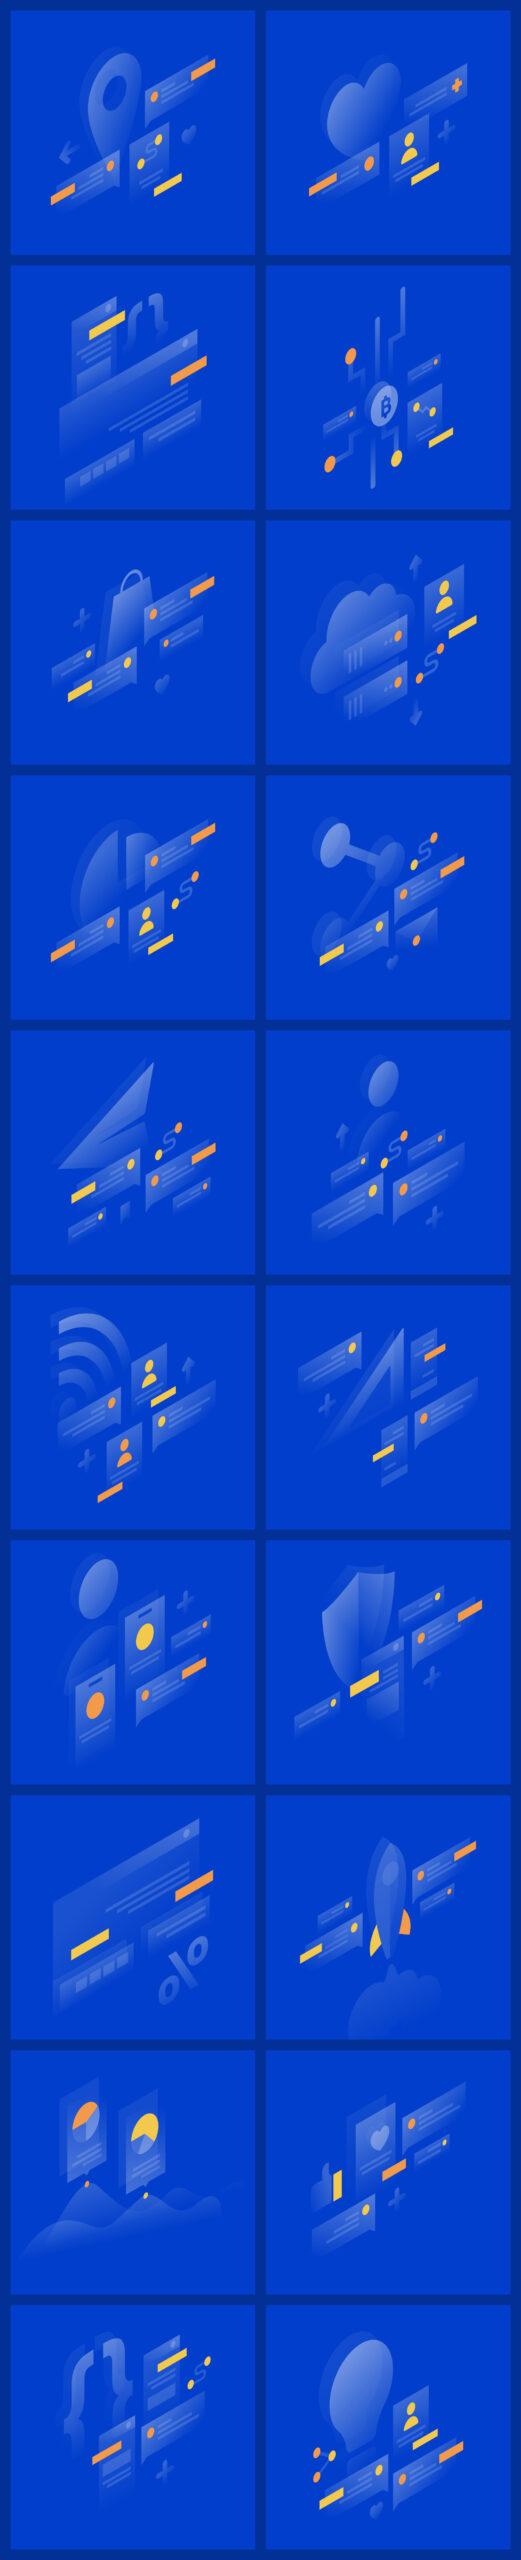 Lucid免费UI设计插画插图1